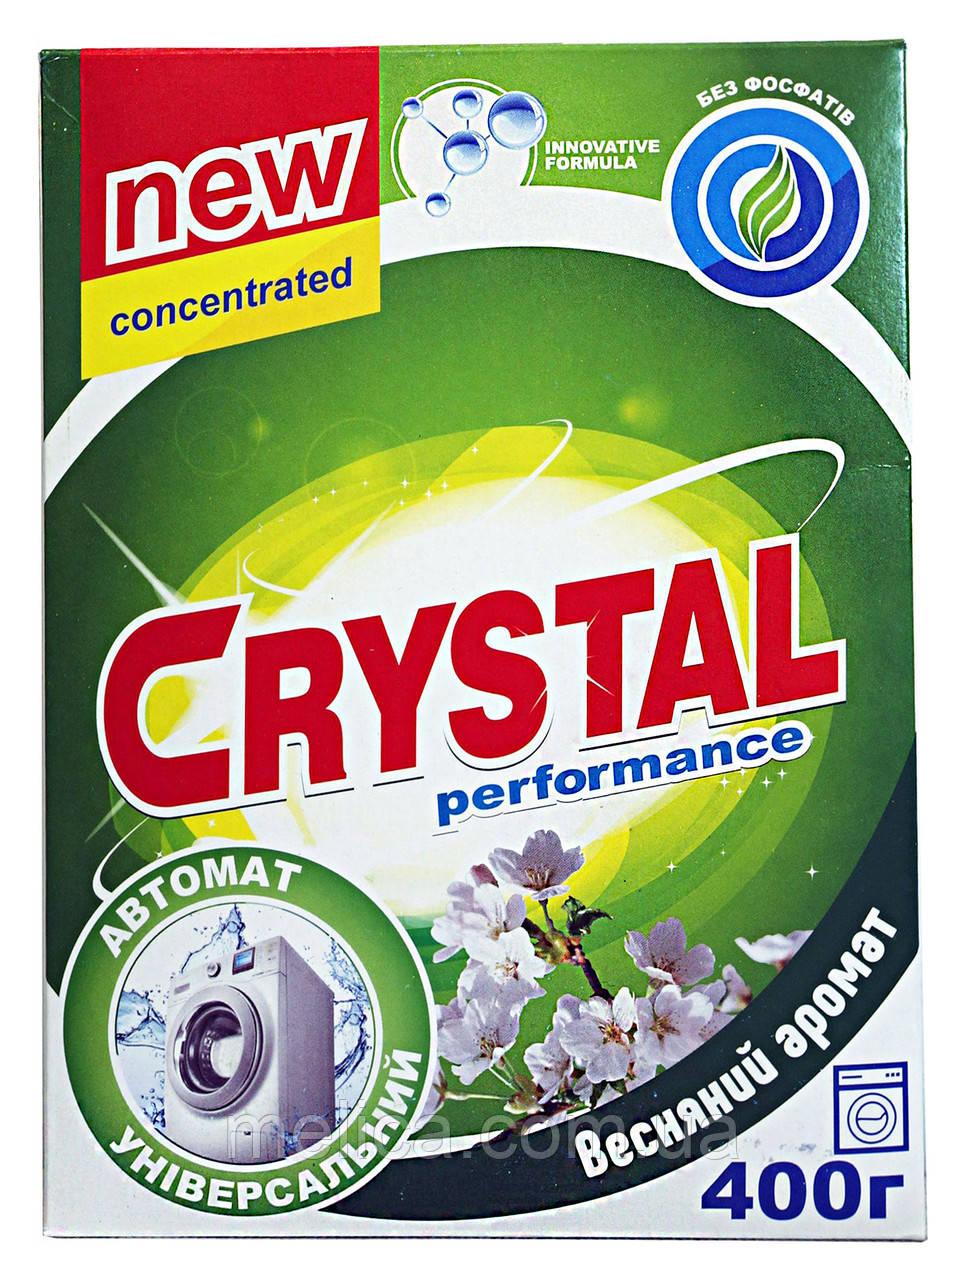 Универсальный стиральный порошок автомат Crystal Performance Весенний аромат - 400 г.